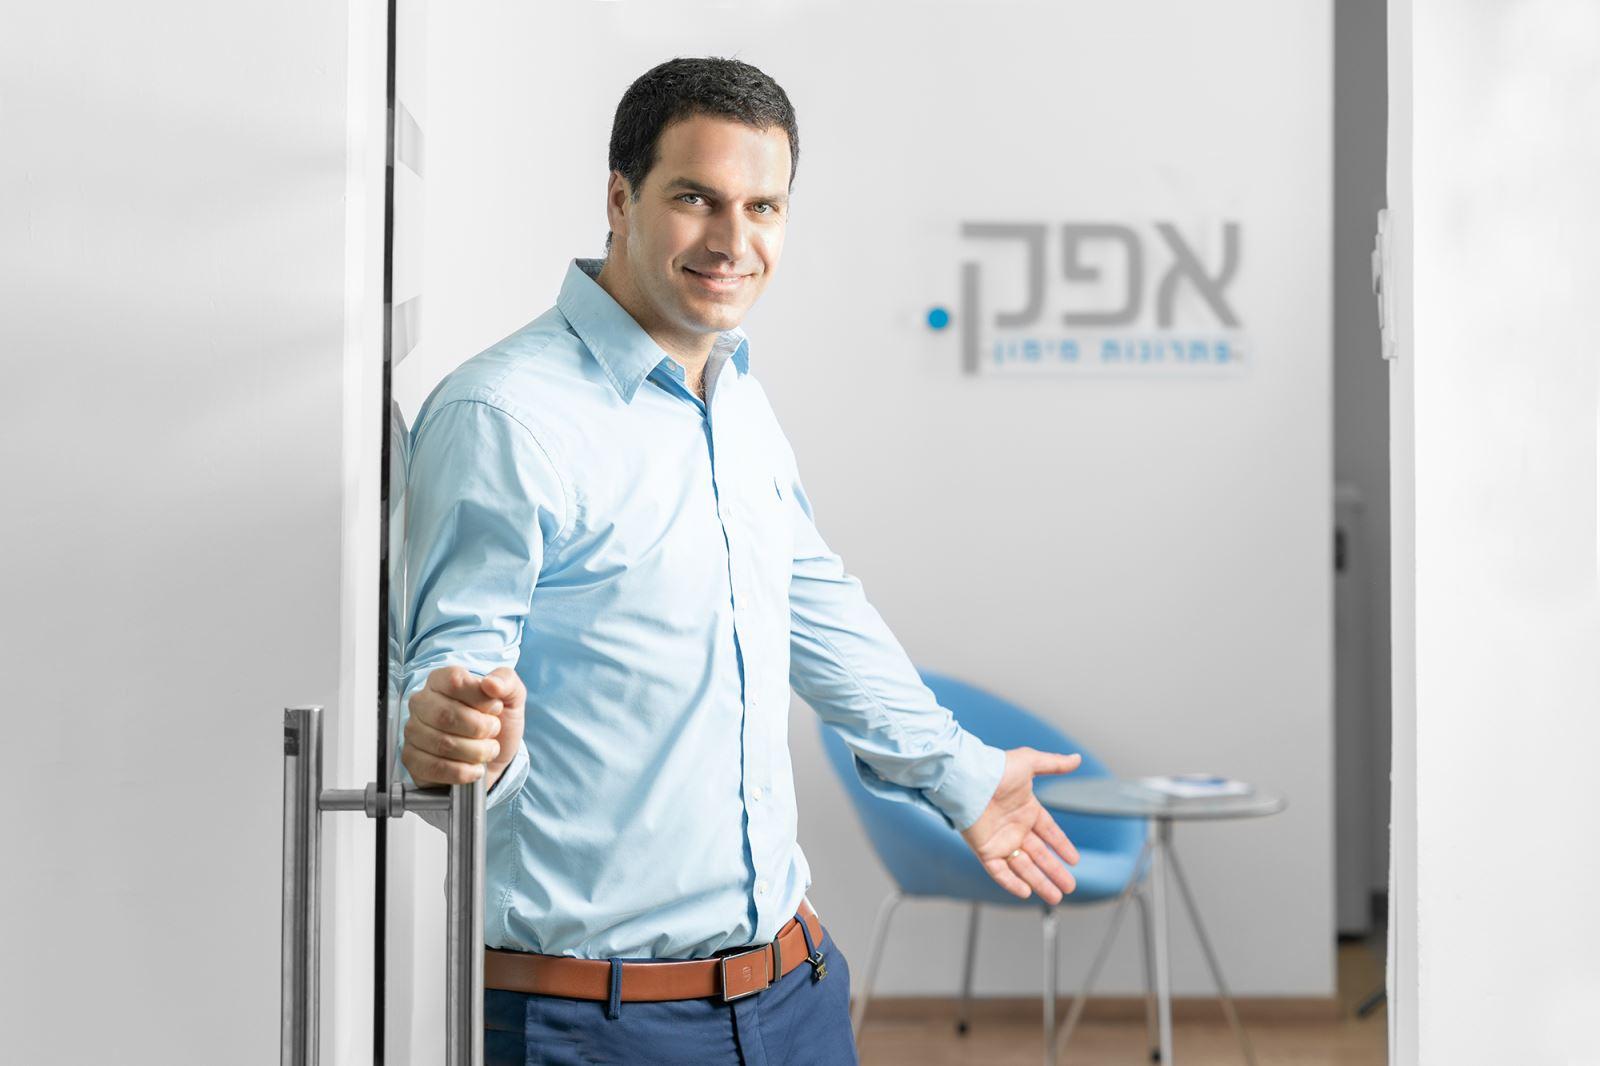 הלוואה מהסוכנות היהודית